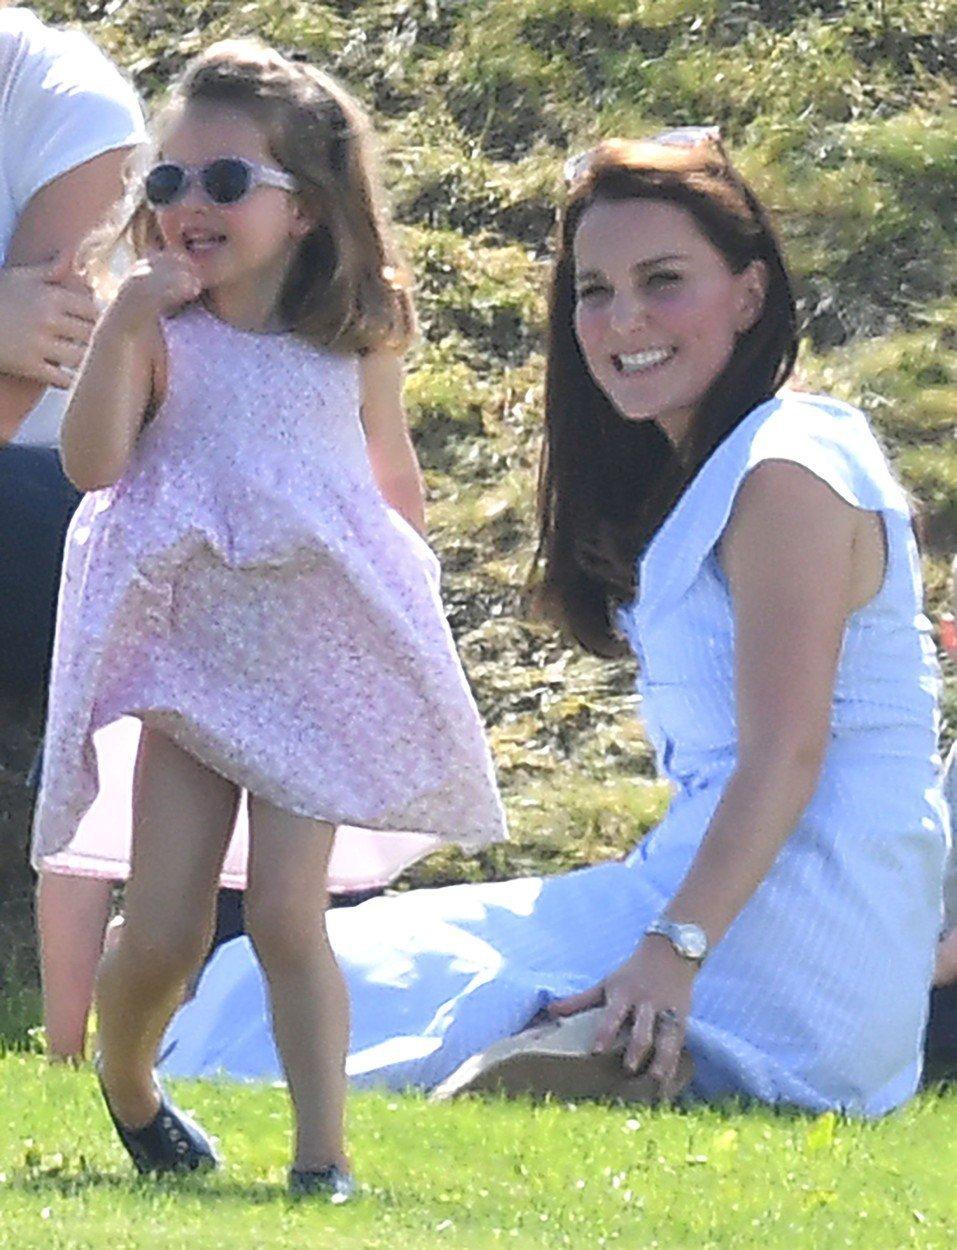 Vévodkyně Kate s princeznou Charlotte